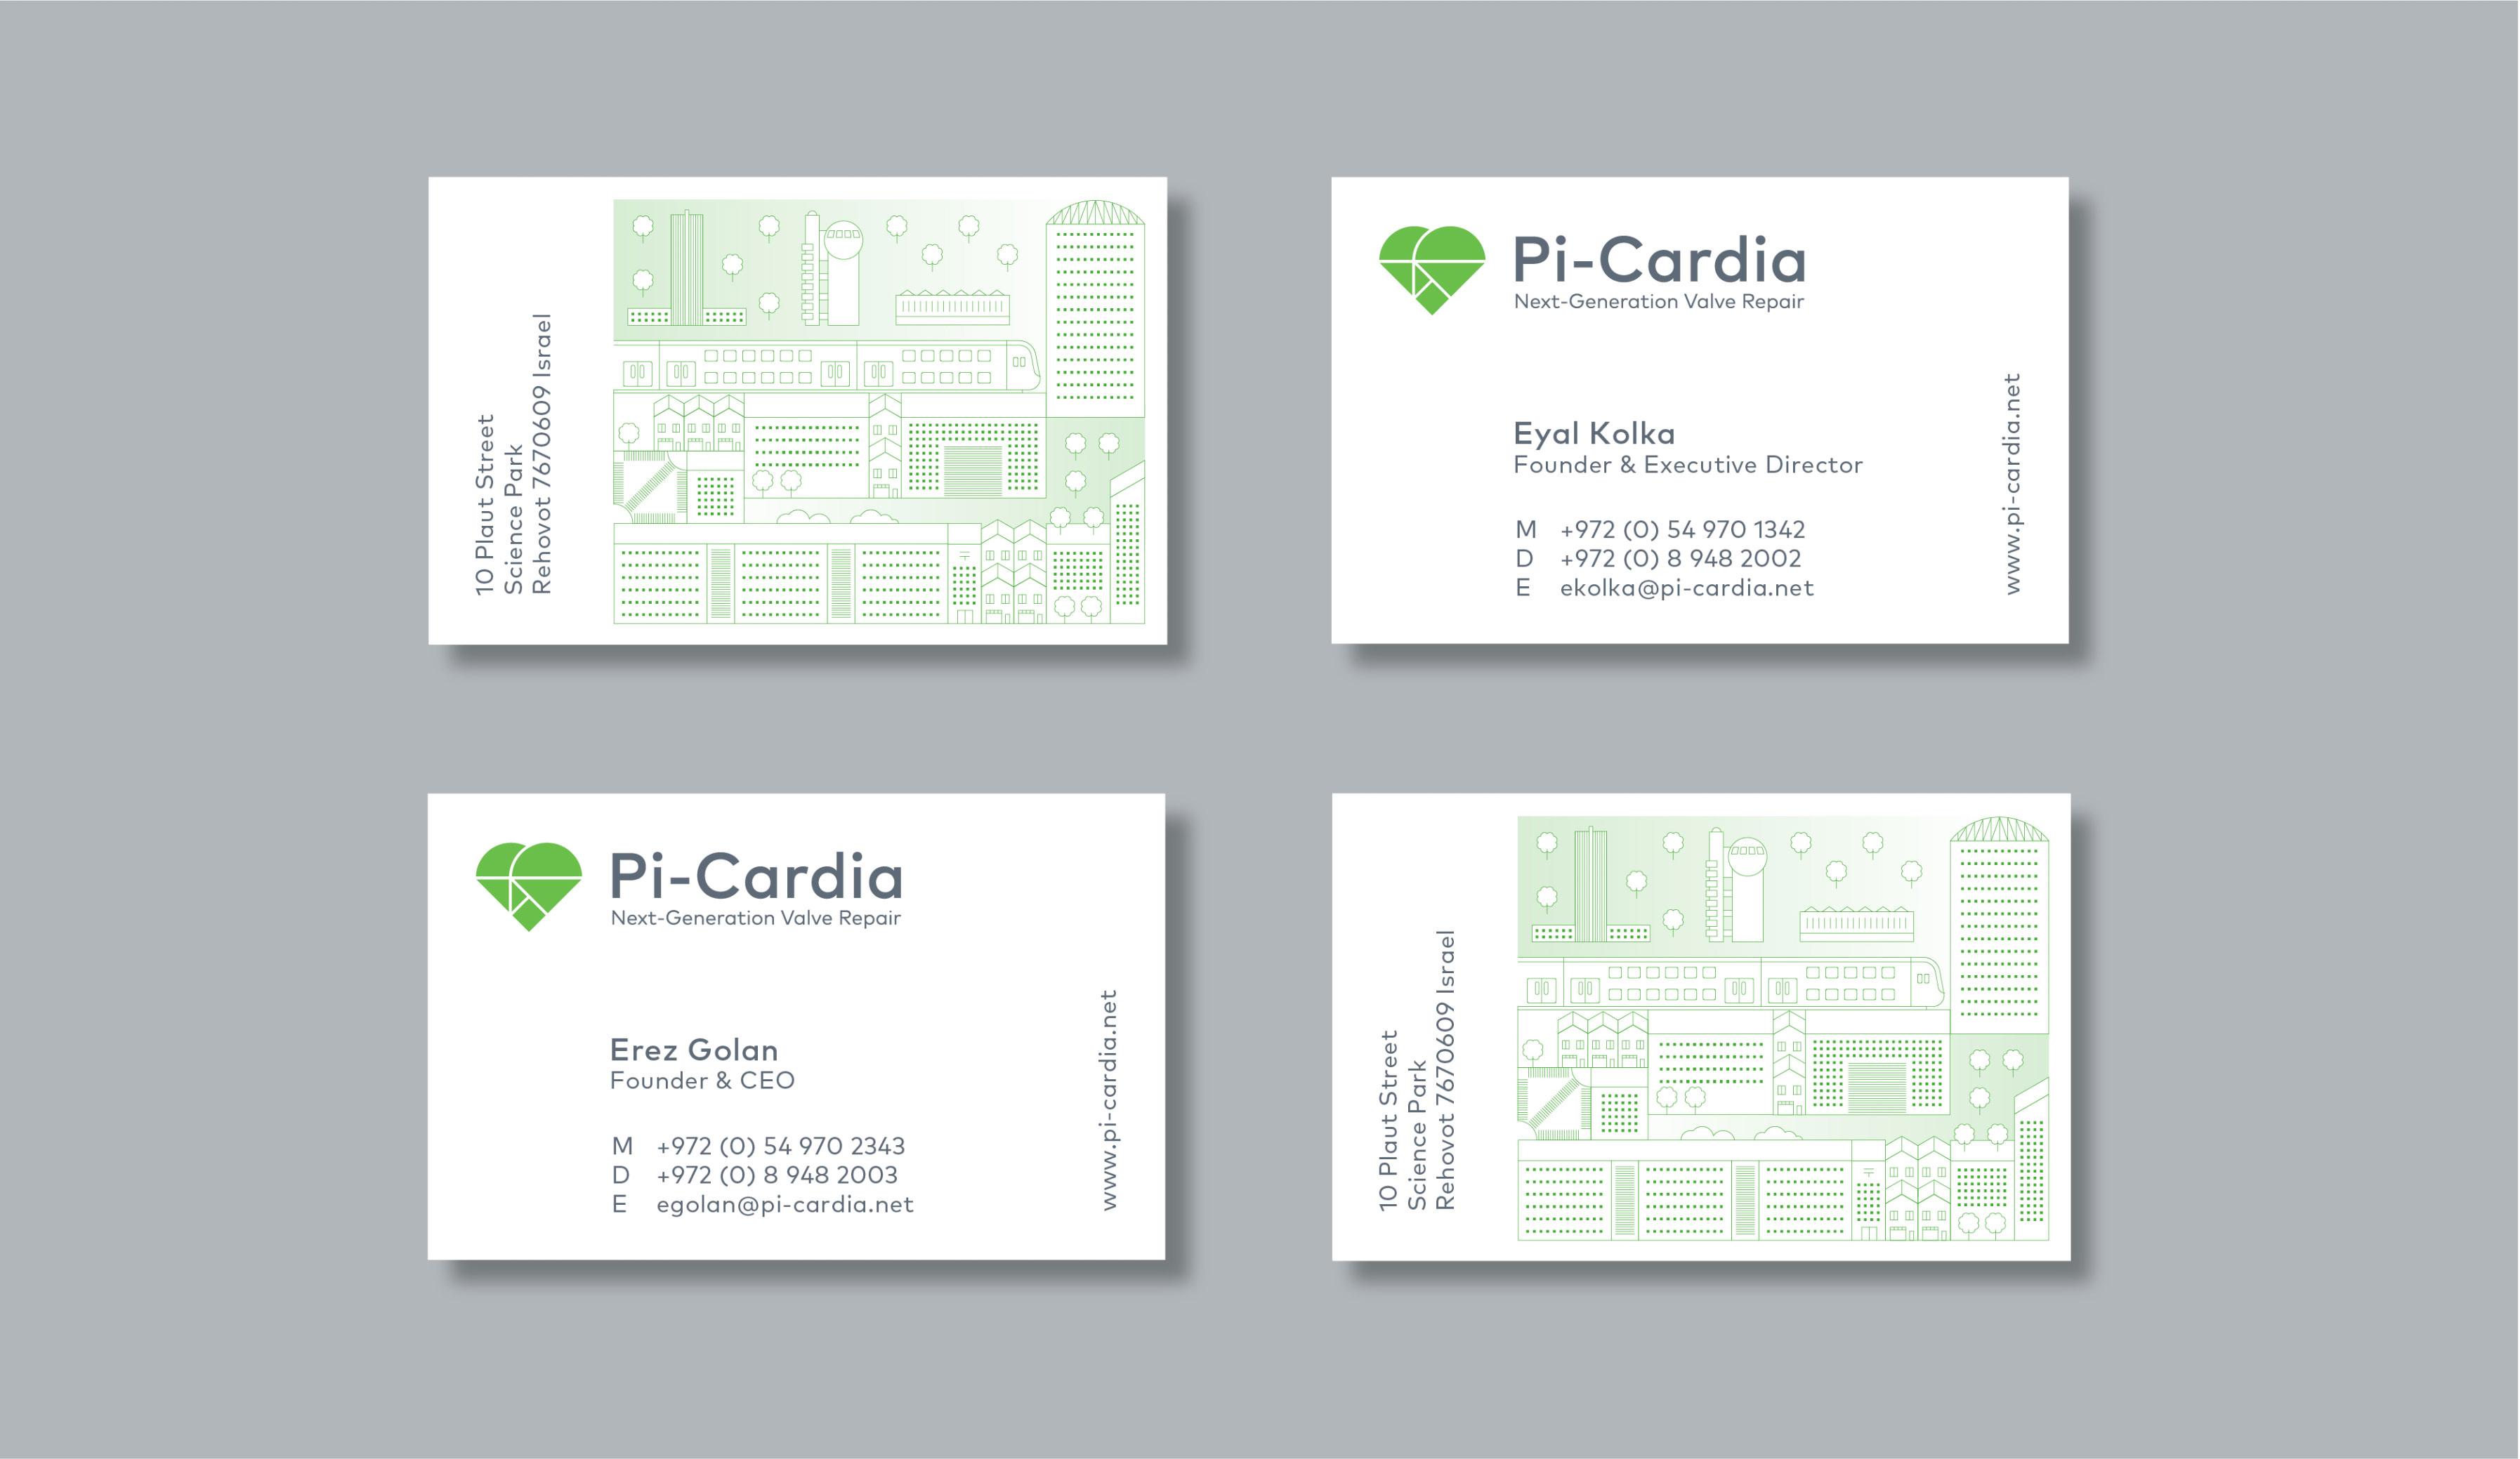 Pi-Cardia brand identity design and website design